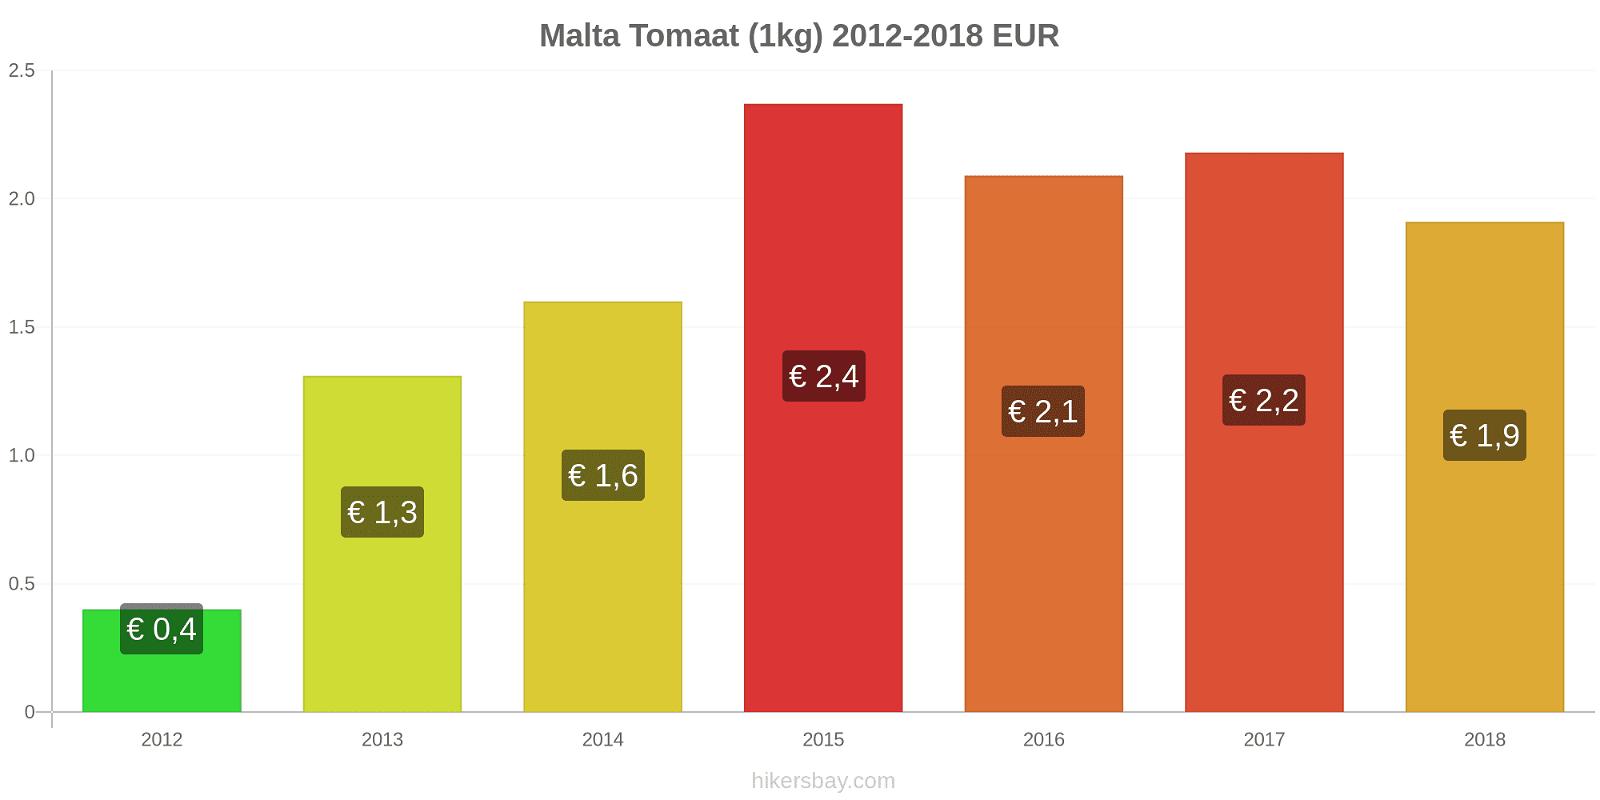 Malta prijswijzigingen Tomaat (1kg) hikersbay.com